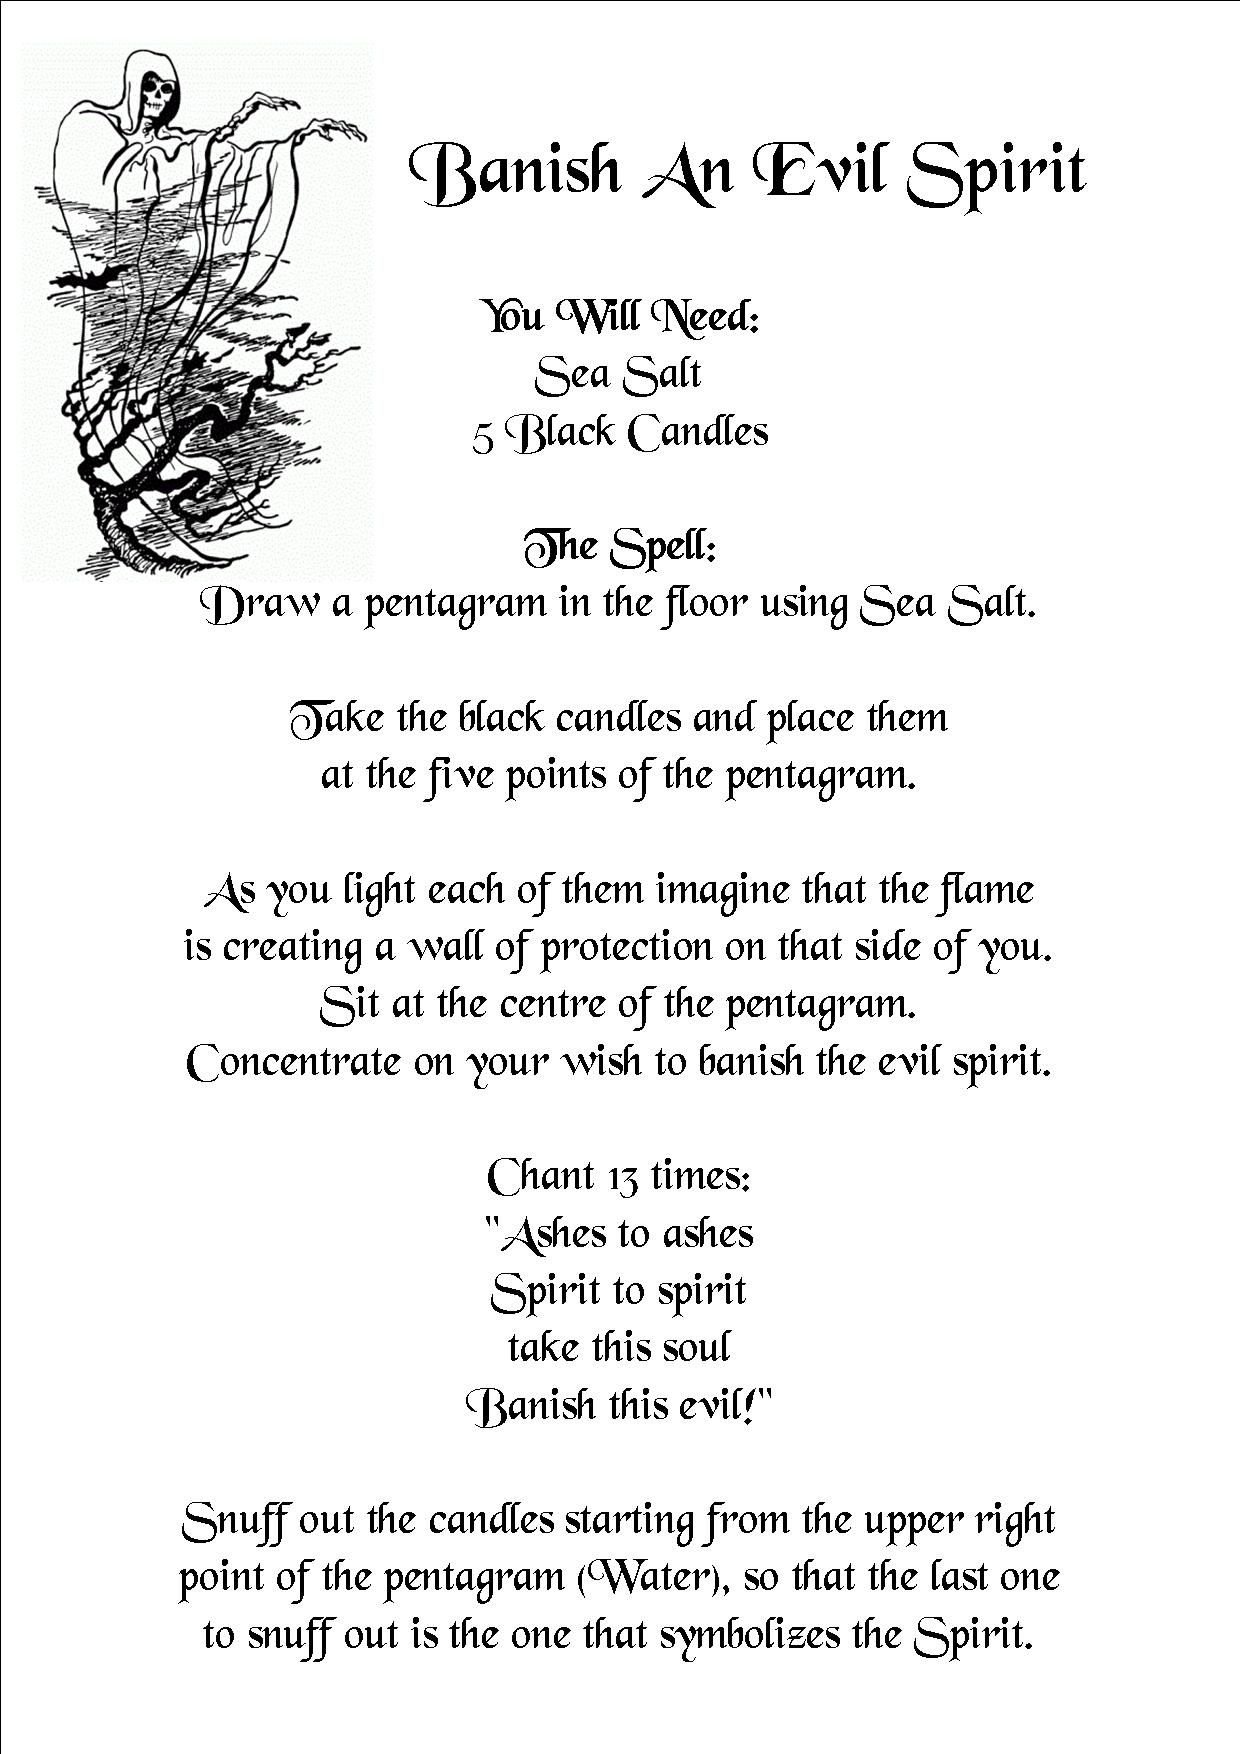 Banish An Evil Spirit